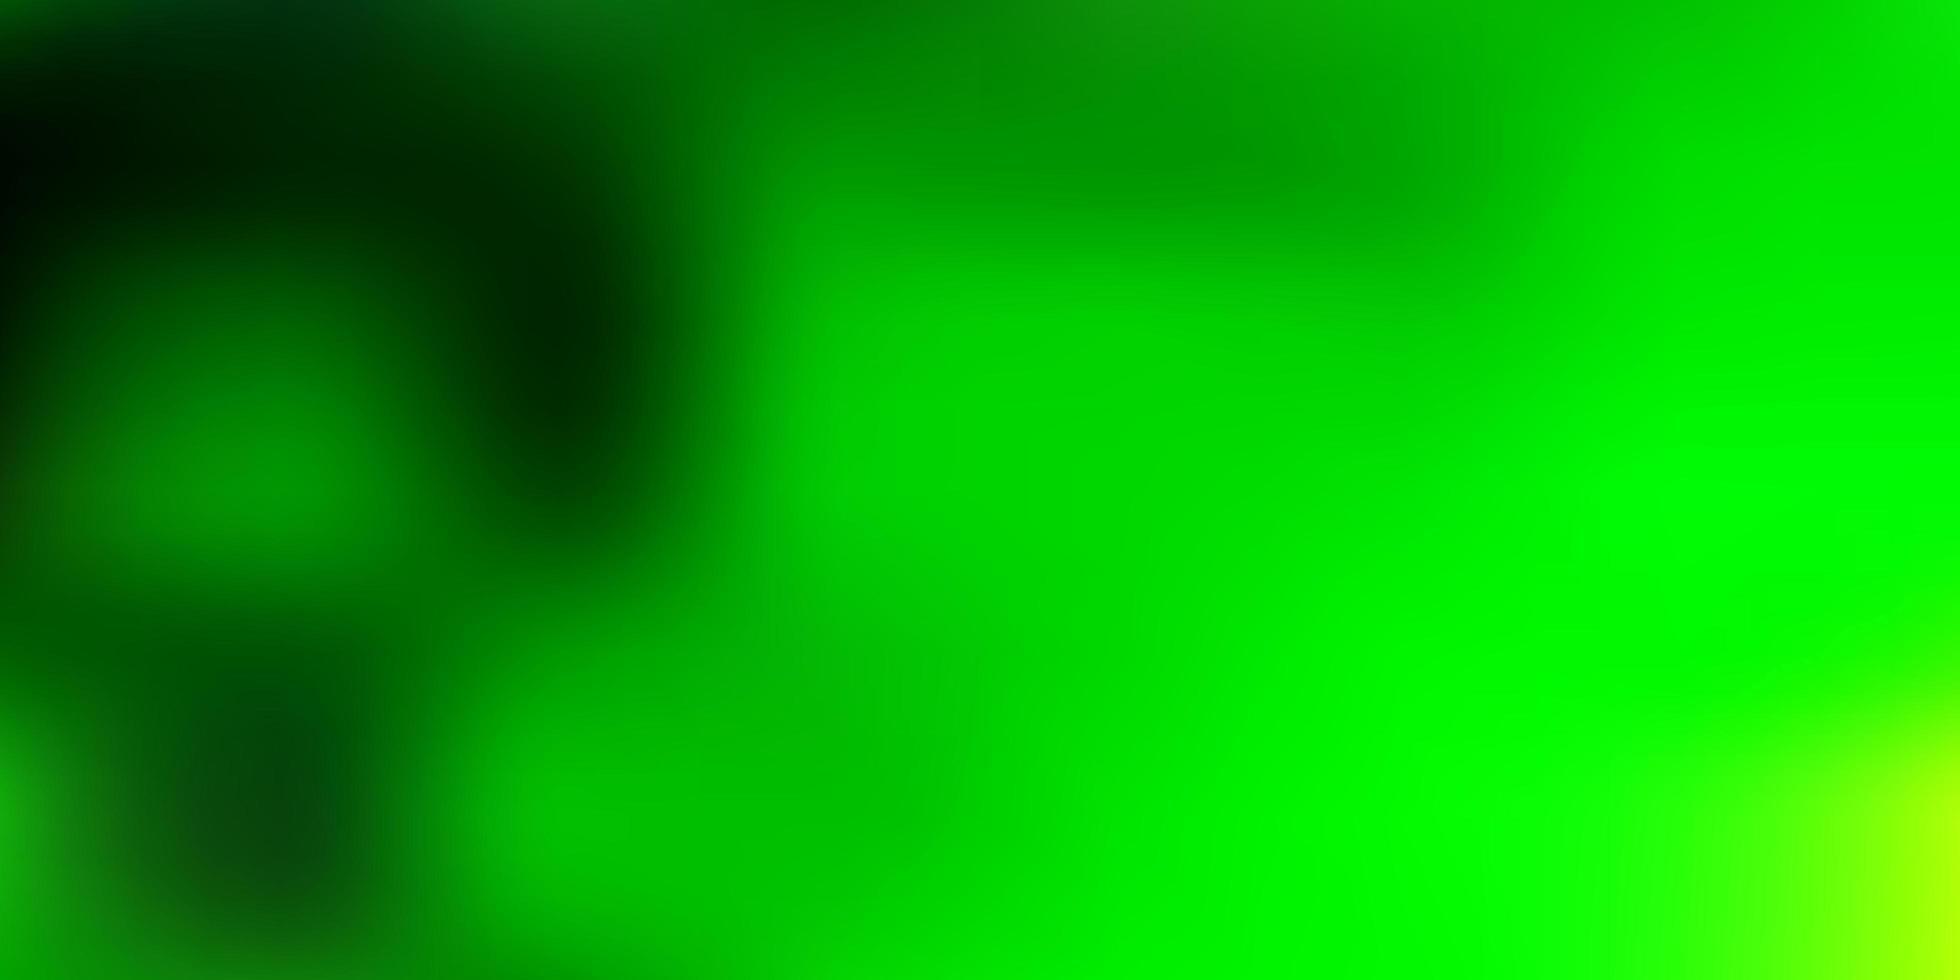 luz verde vetor turva fundo.